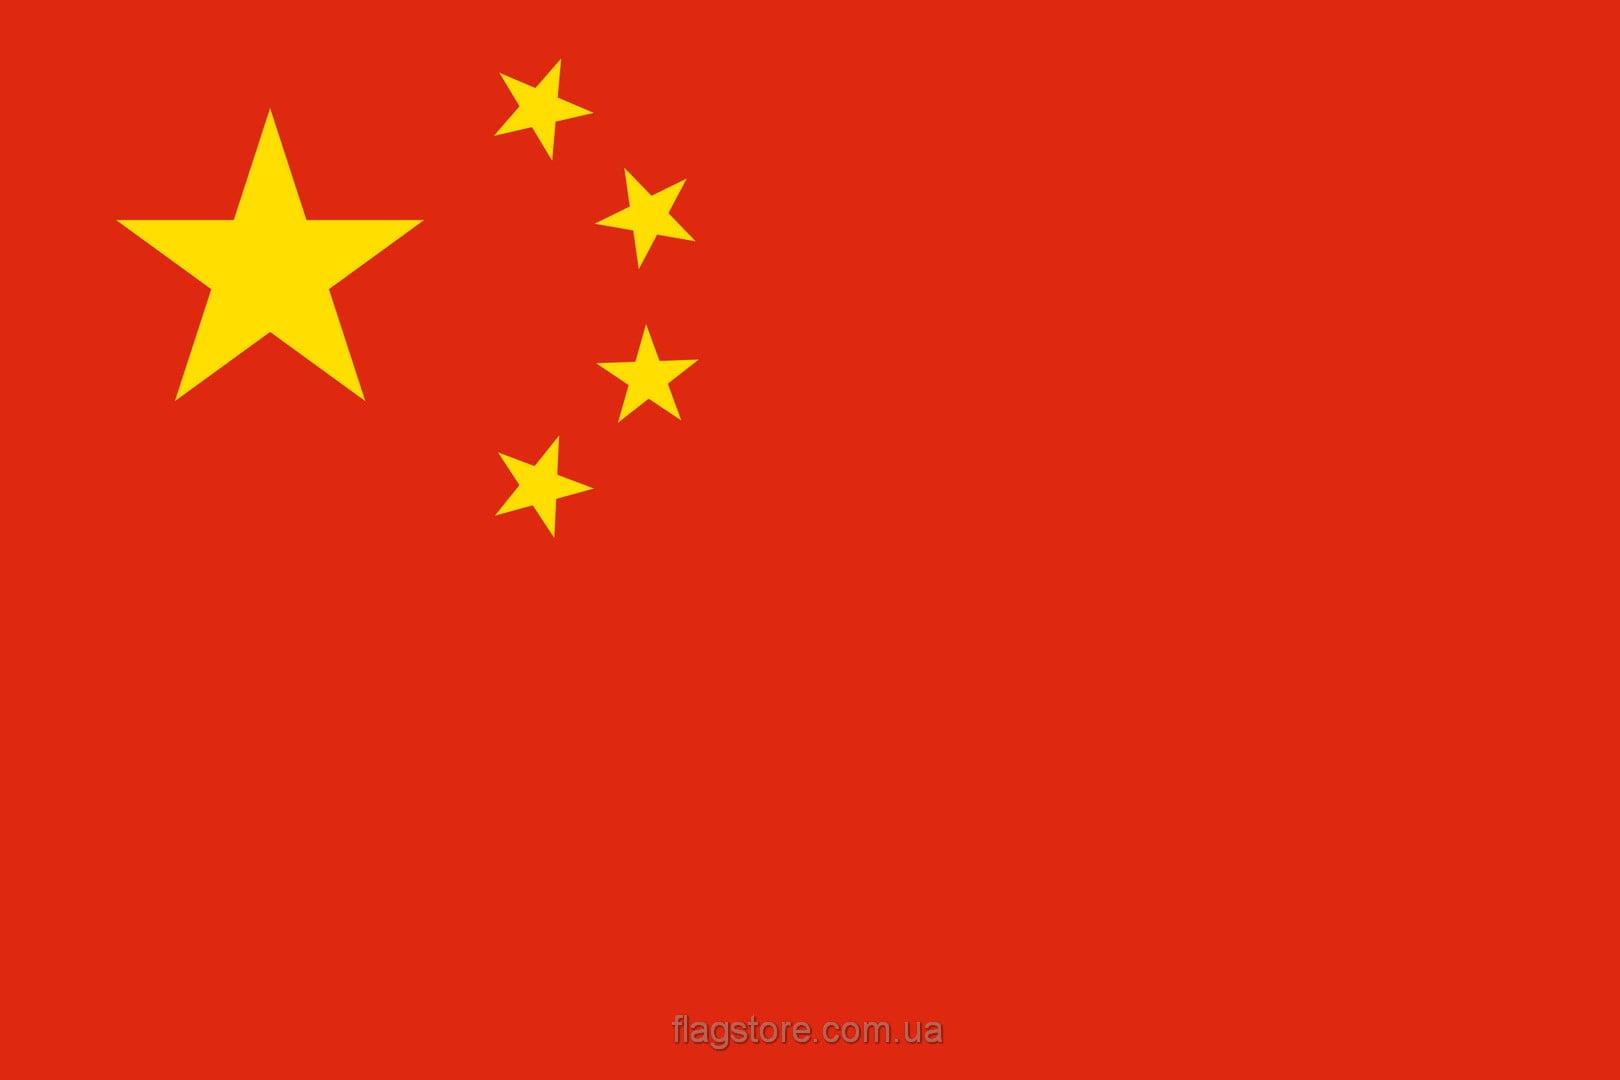 Купить флаг Китая (страны Китай)